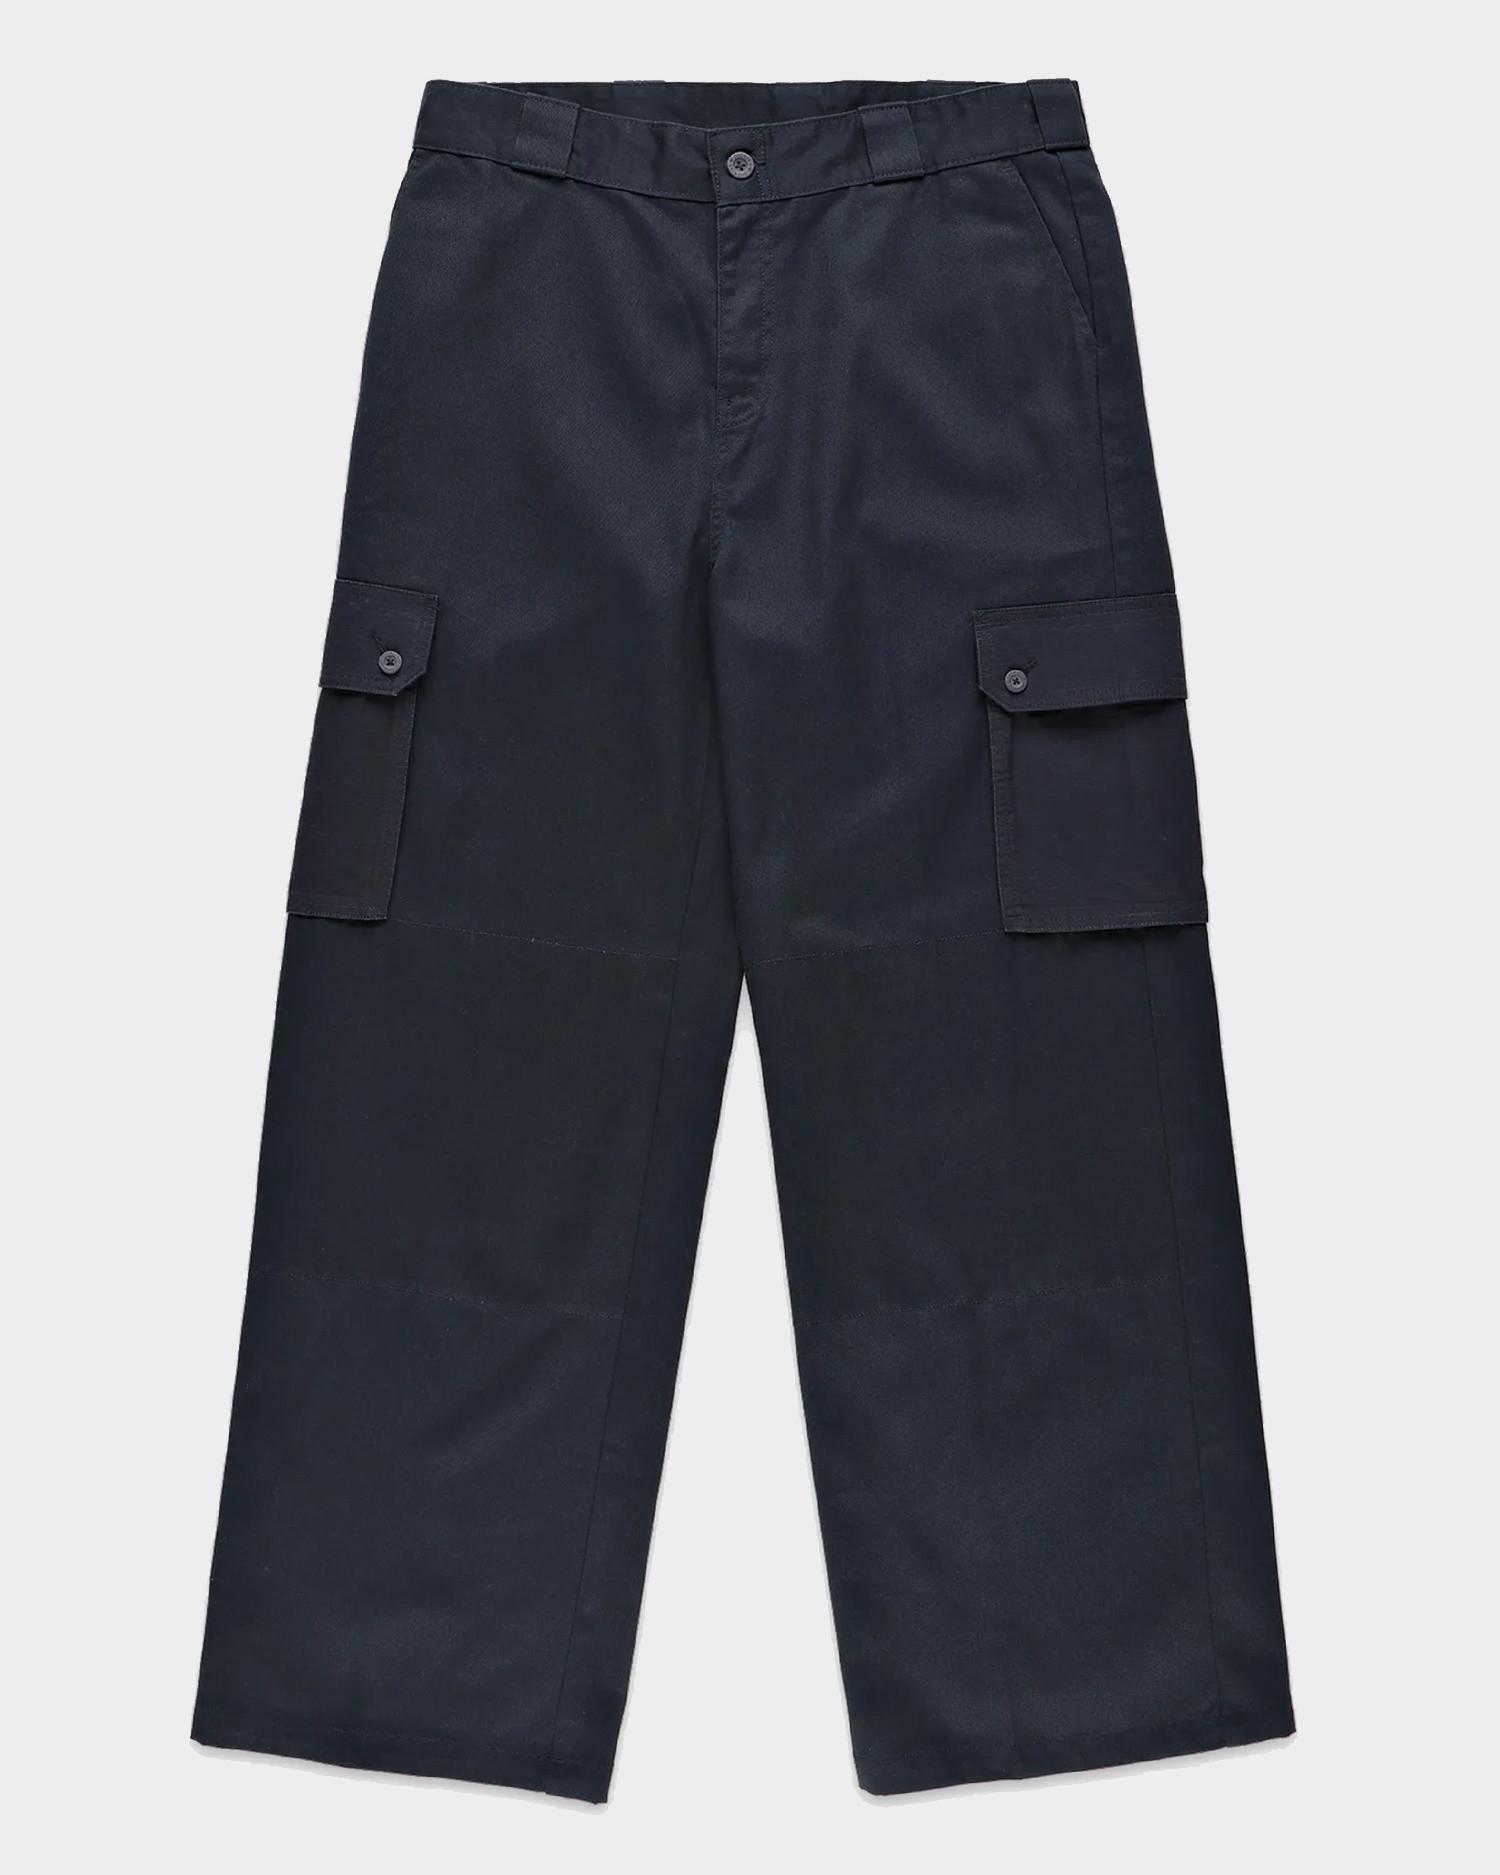 Dickies Utility Cargo Pants Dark Navy